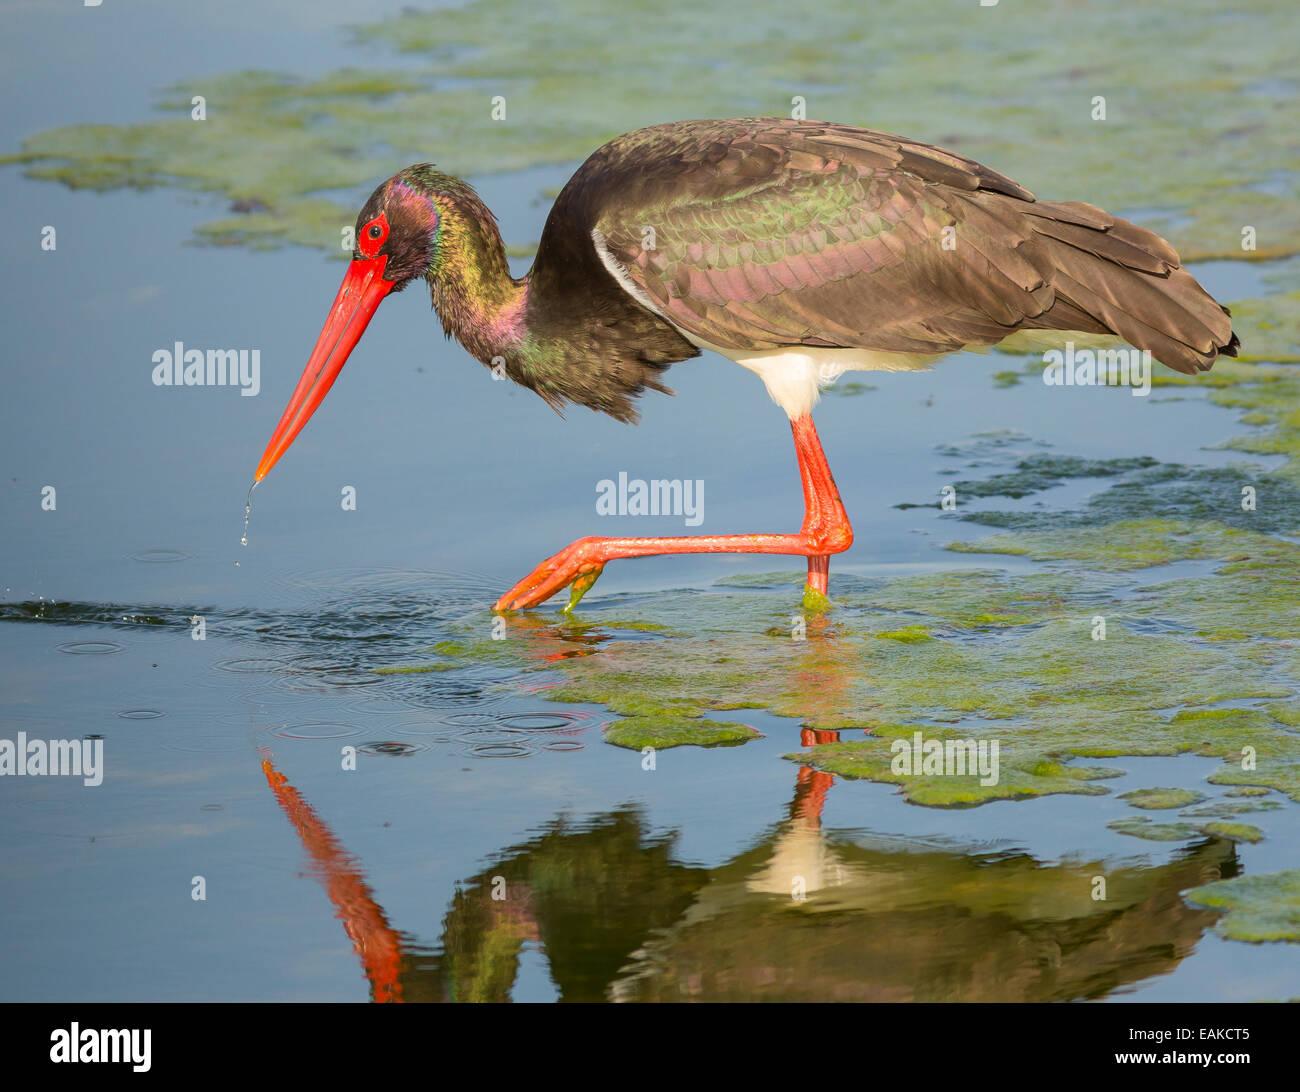 KRUGER NATIONAL PARK, SOUTH AFRICA - Black Stork. - Stock Image